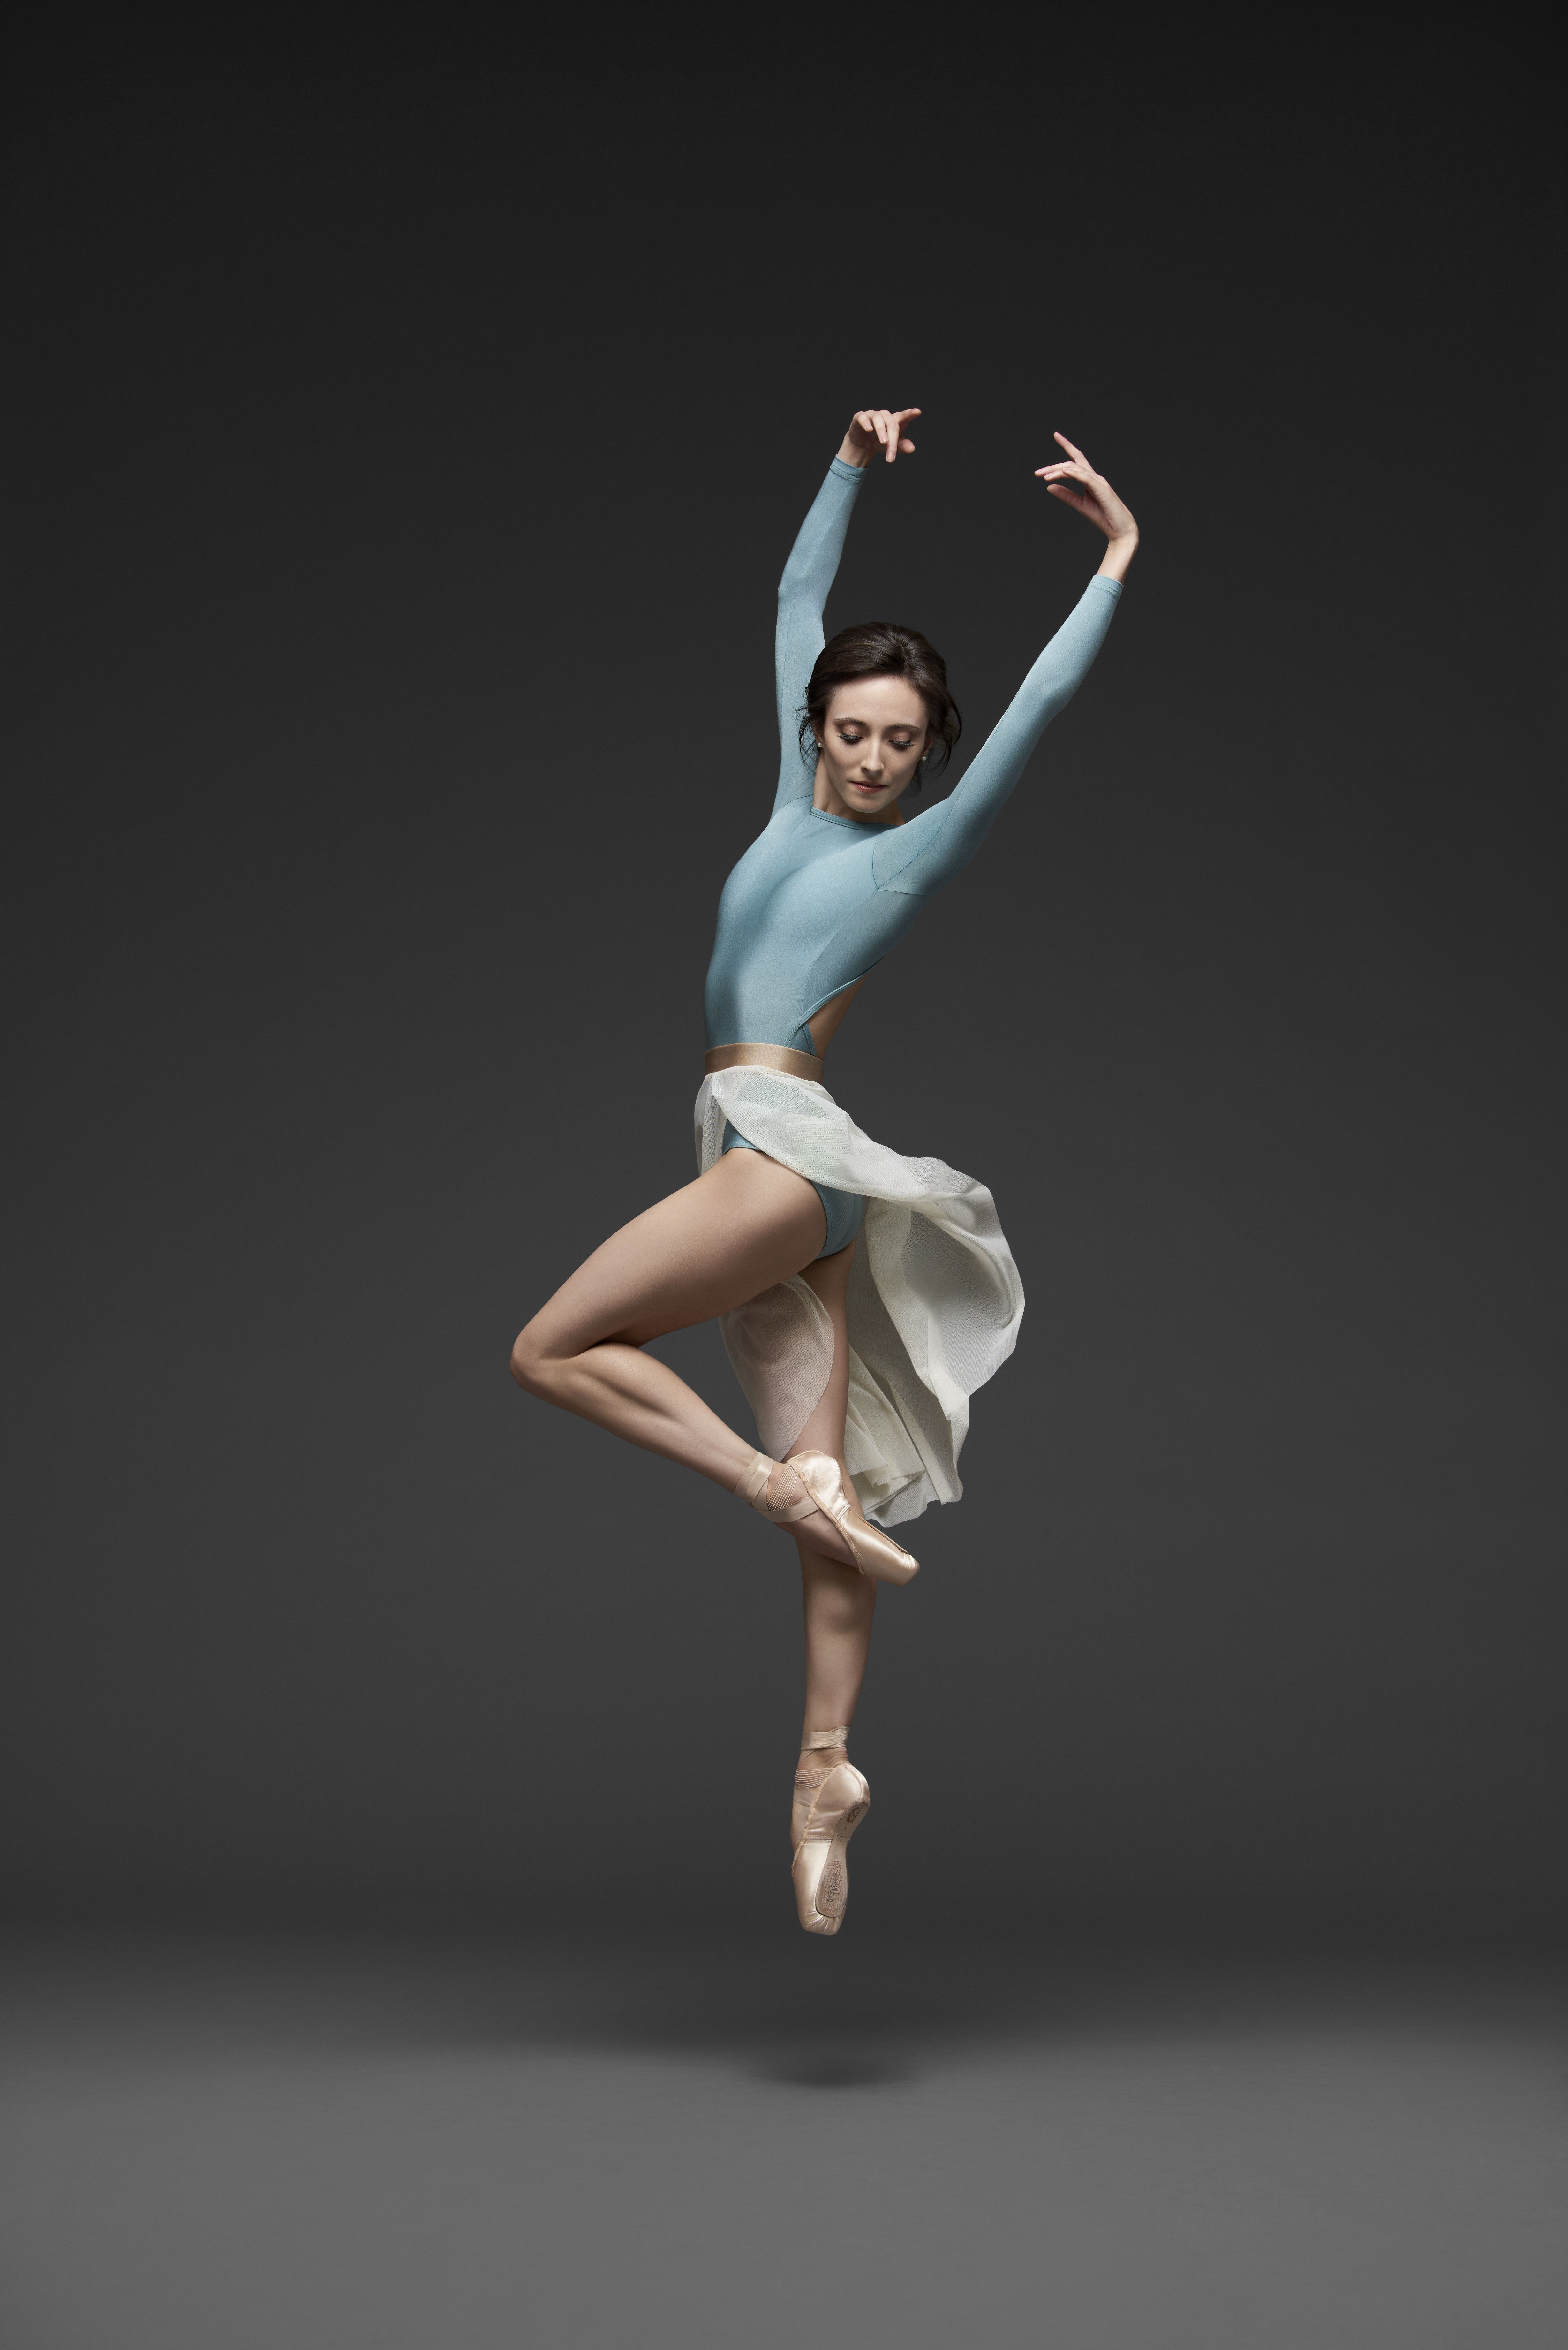 Jahna Frantziskonis C Erik Tomasson Photo Danseuse Photos De Danse Danseuse Classique